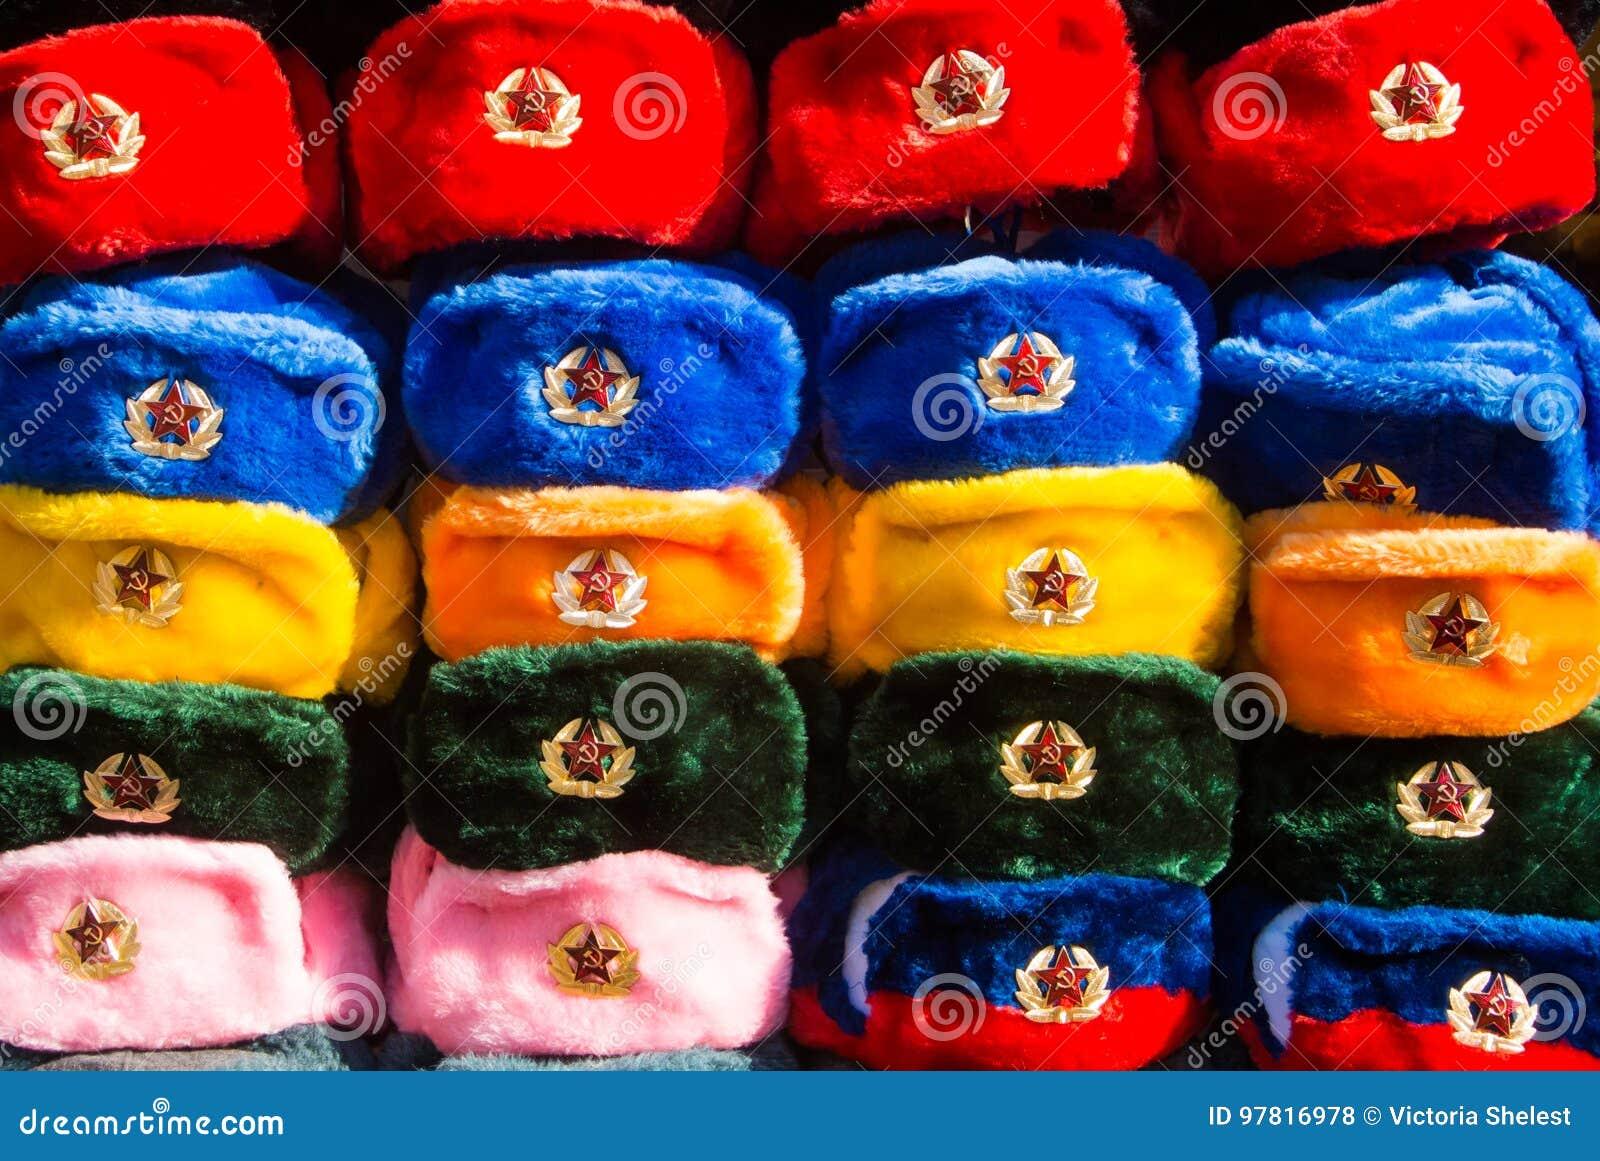 Rijen van Russische de winterhoeden van verschillende kleuren met legeremblemen bij de straatmarkt bij Oude Arbat-straat